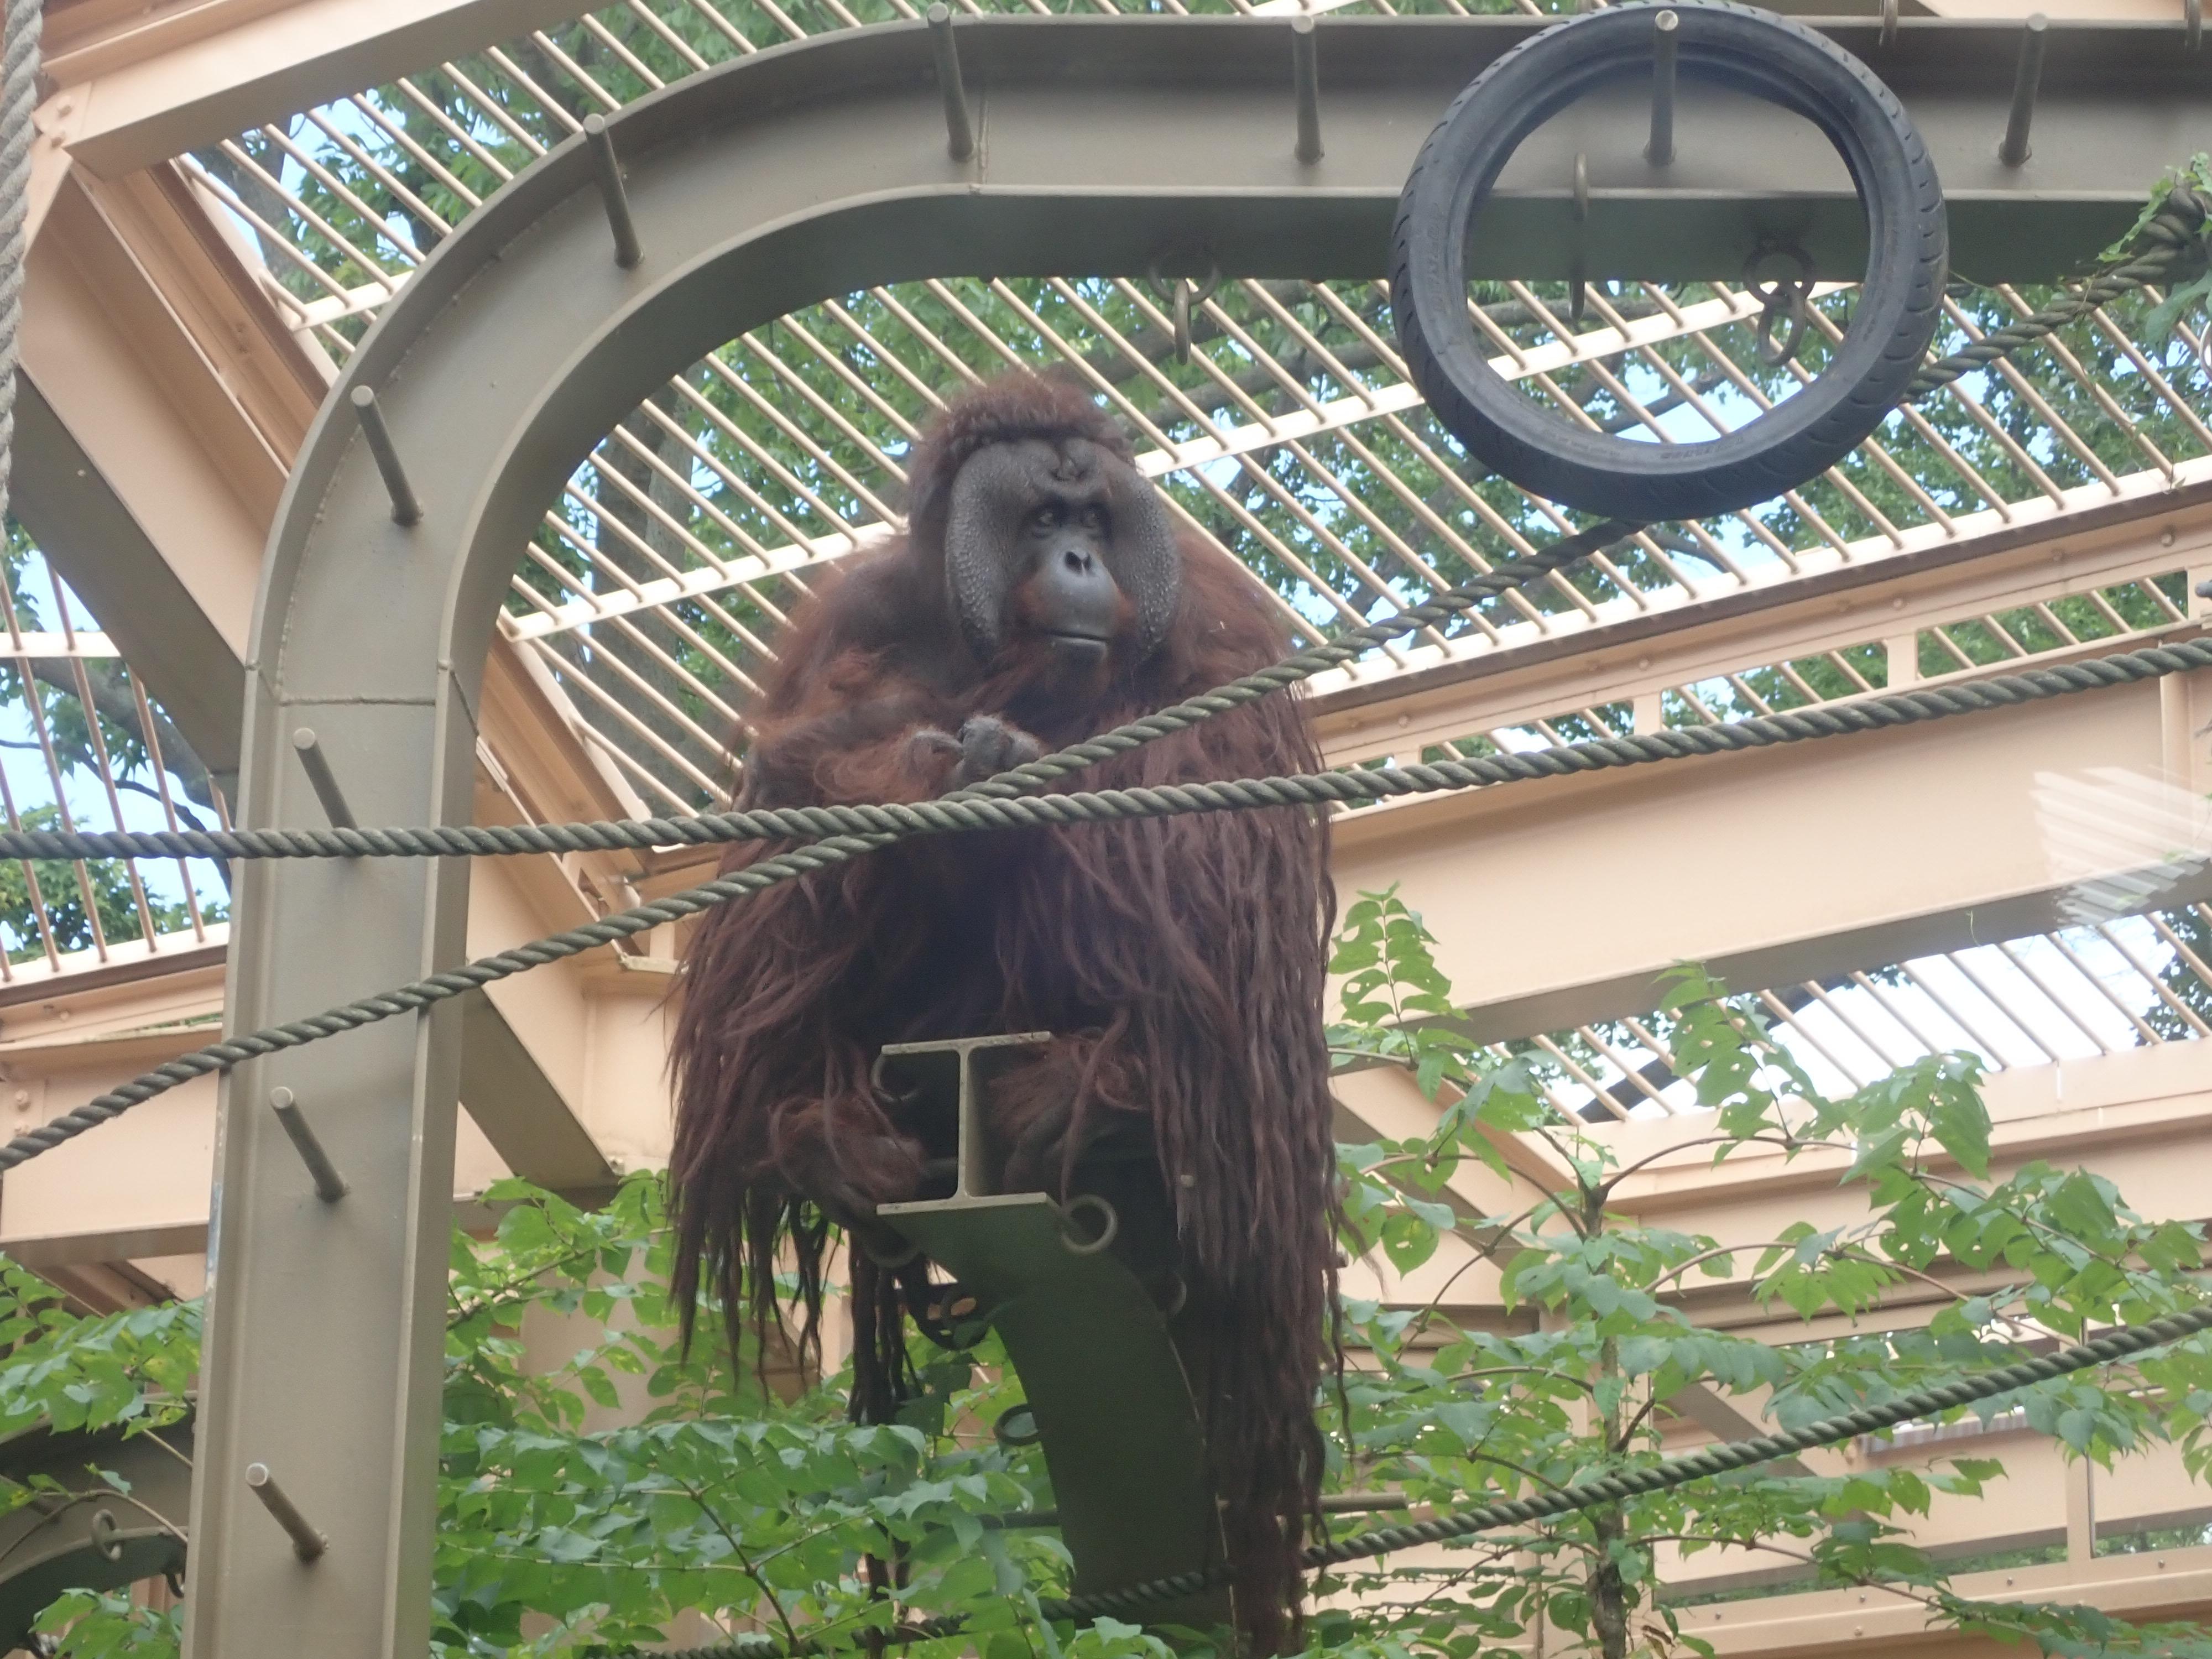 円山動物園のオランウータン